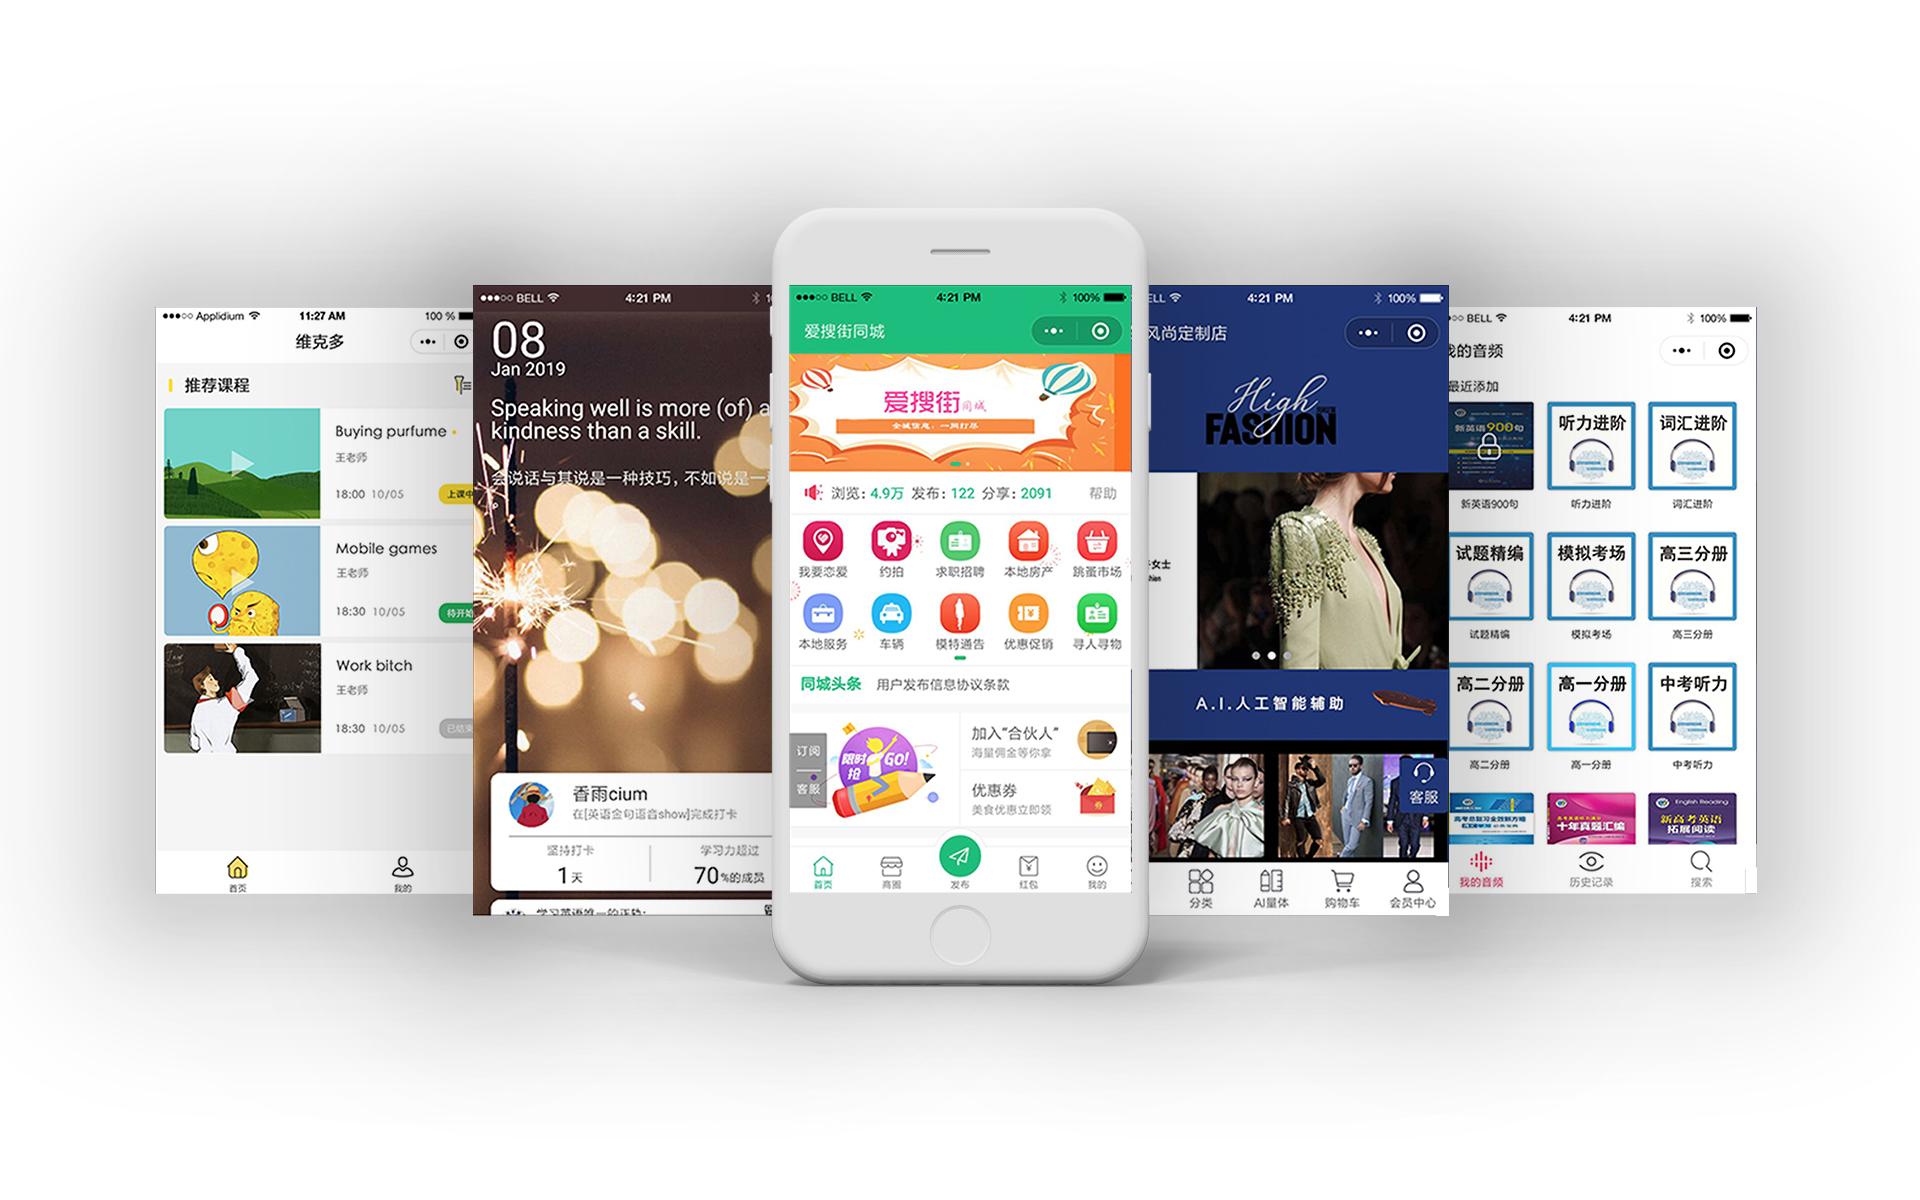 家用电器厨房卫生用品用具行业微信小程序公众号平台定制开发制作